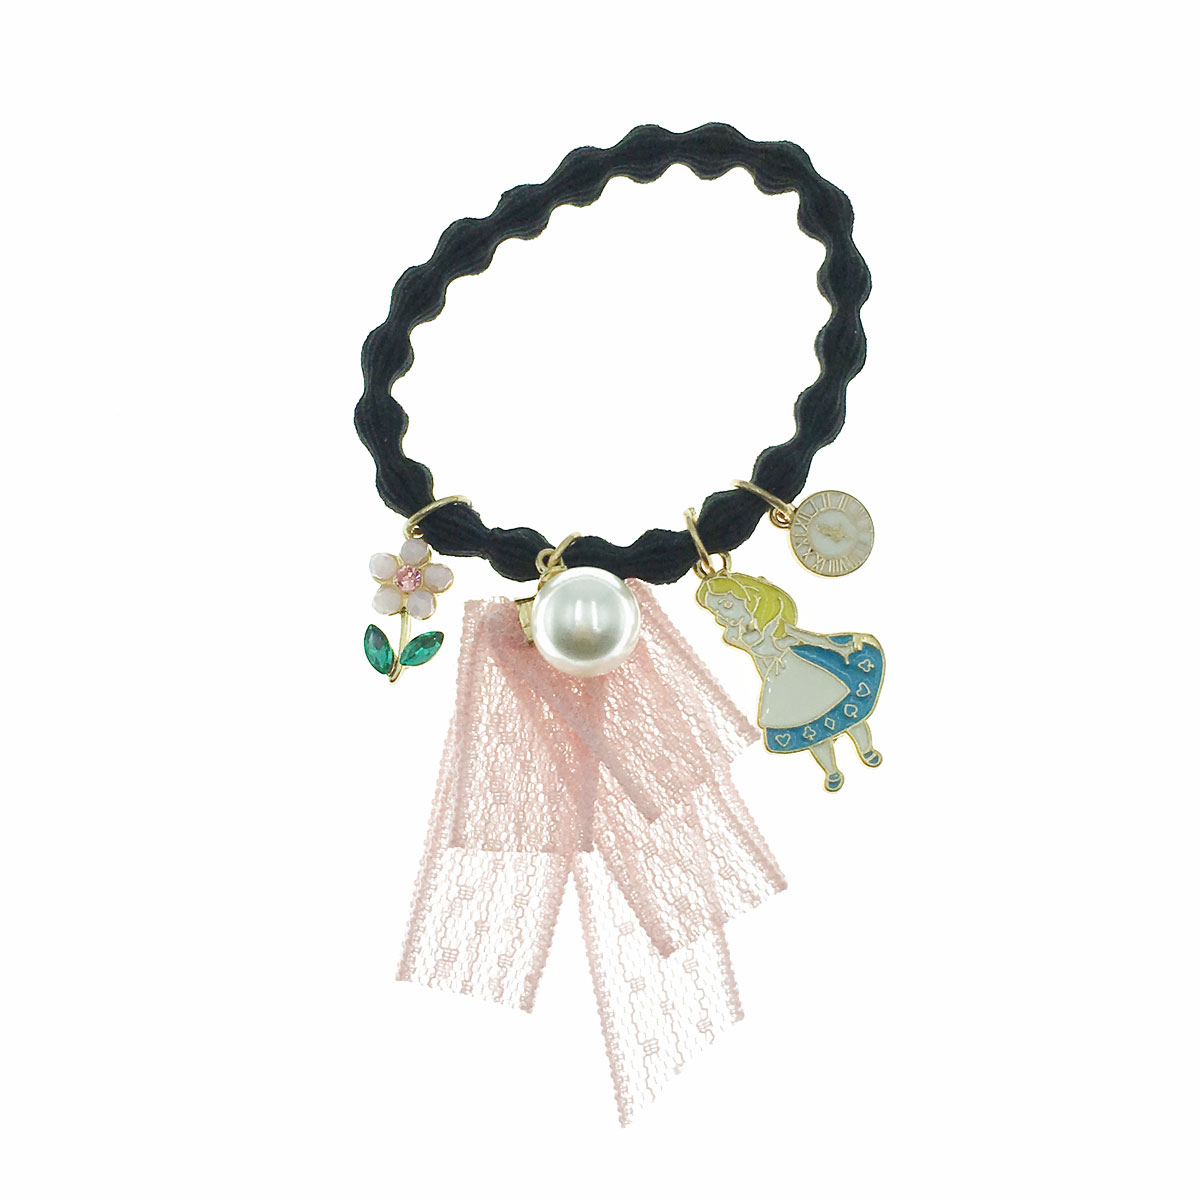 韓國 珍珠 愛麗絲 時鐘 花朵 雷絲帶 髮束 髮圈 髮飾